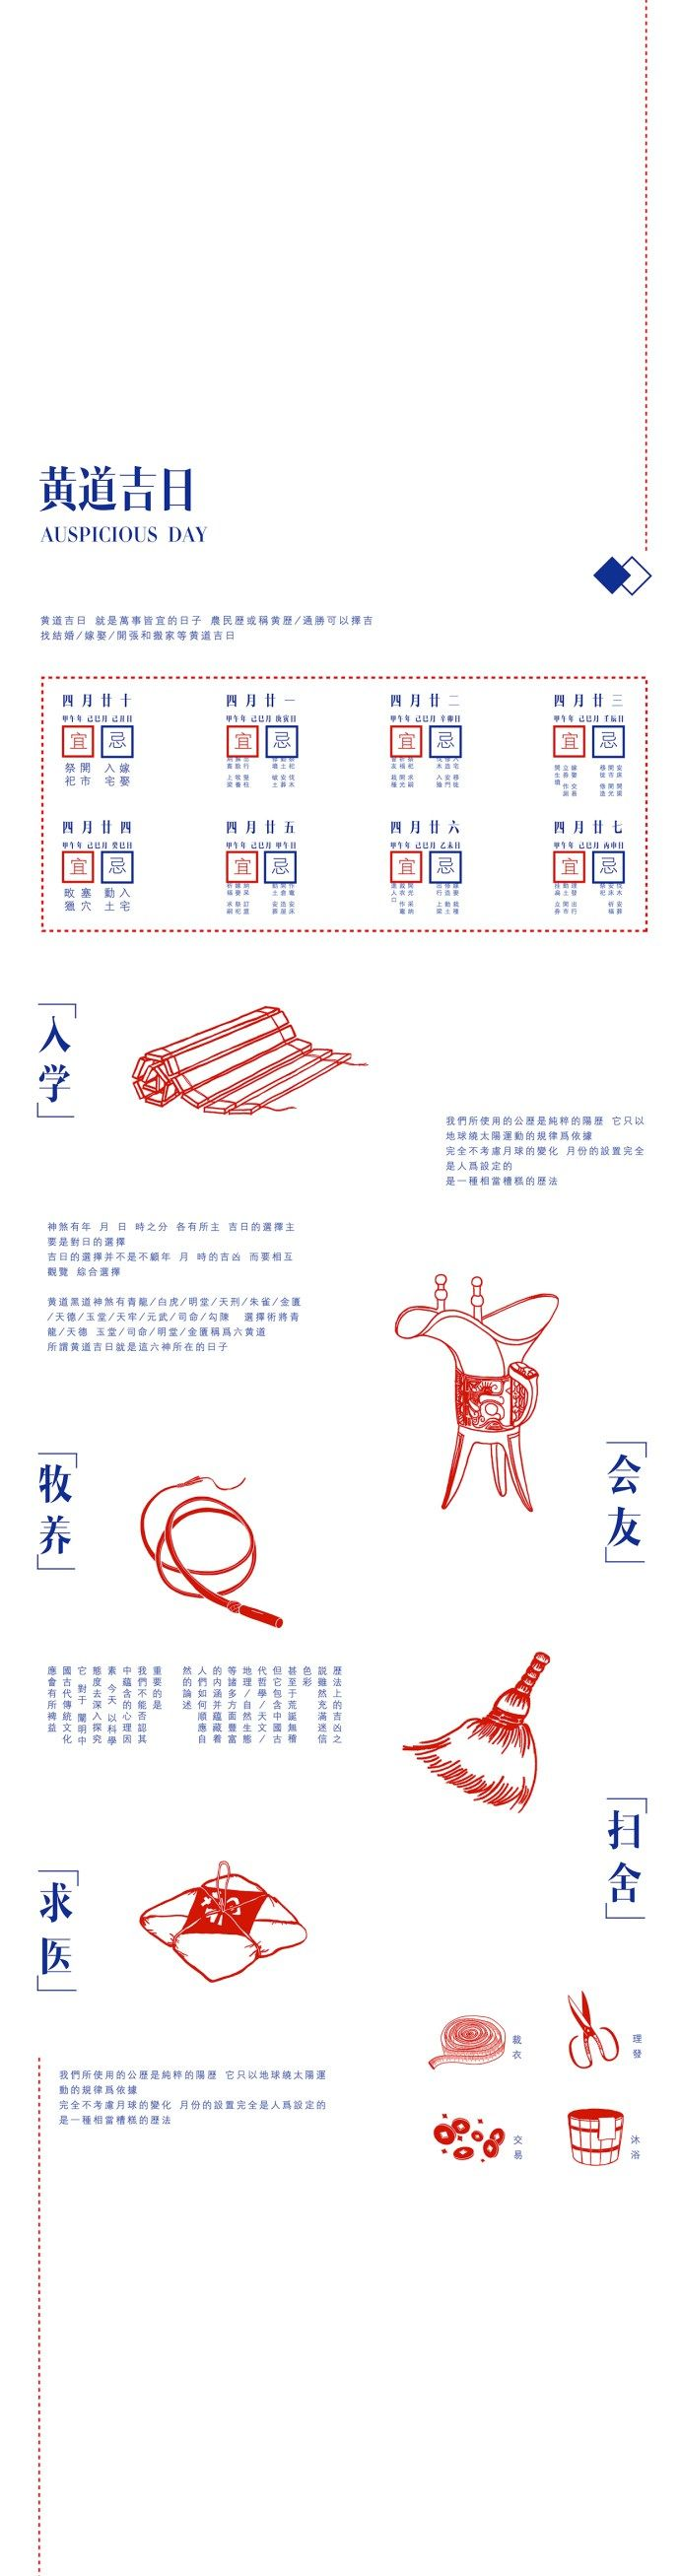 Designed byChris Chu|Behance